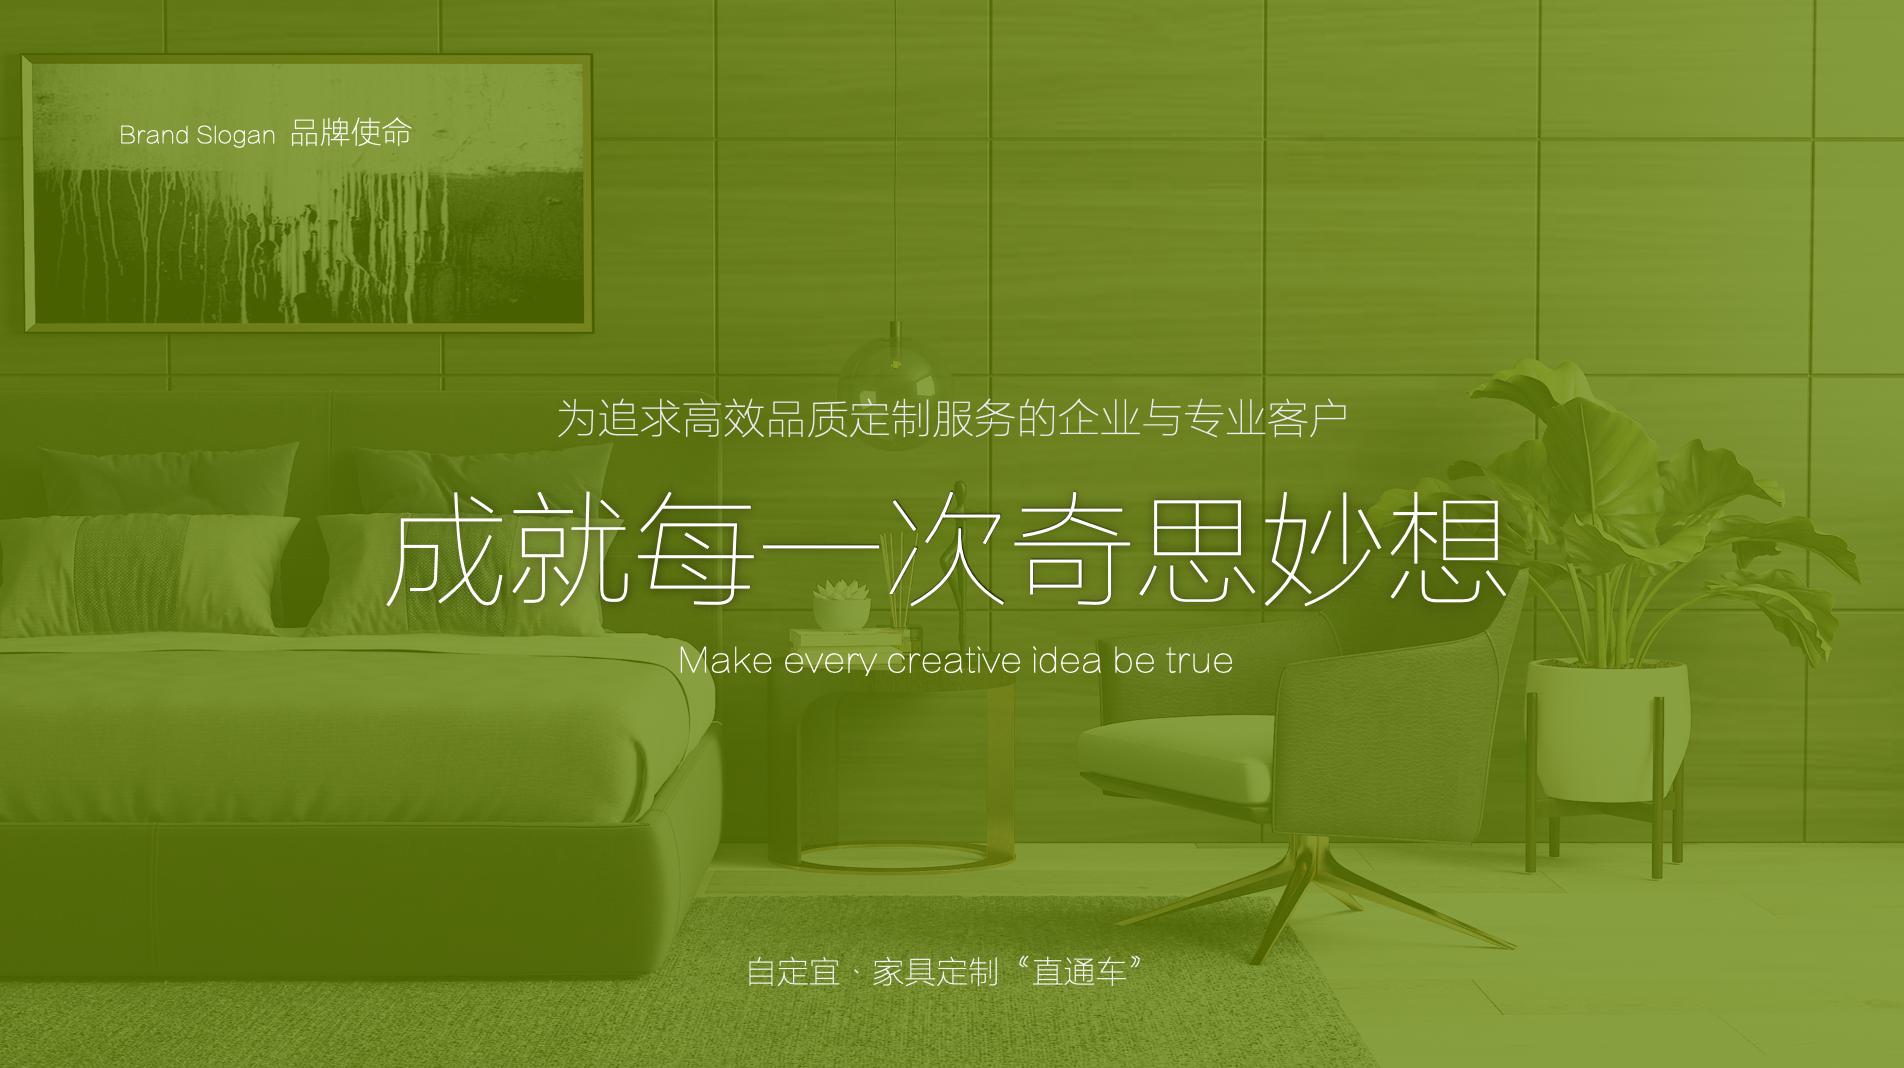 家具品牌策划设计-达岸品牌营销咨询